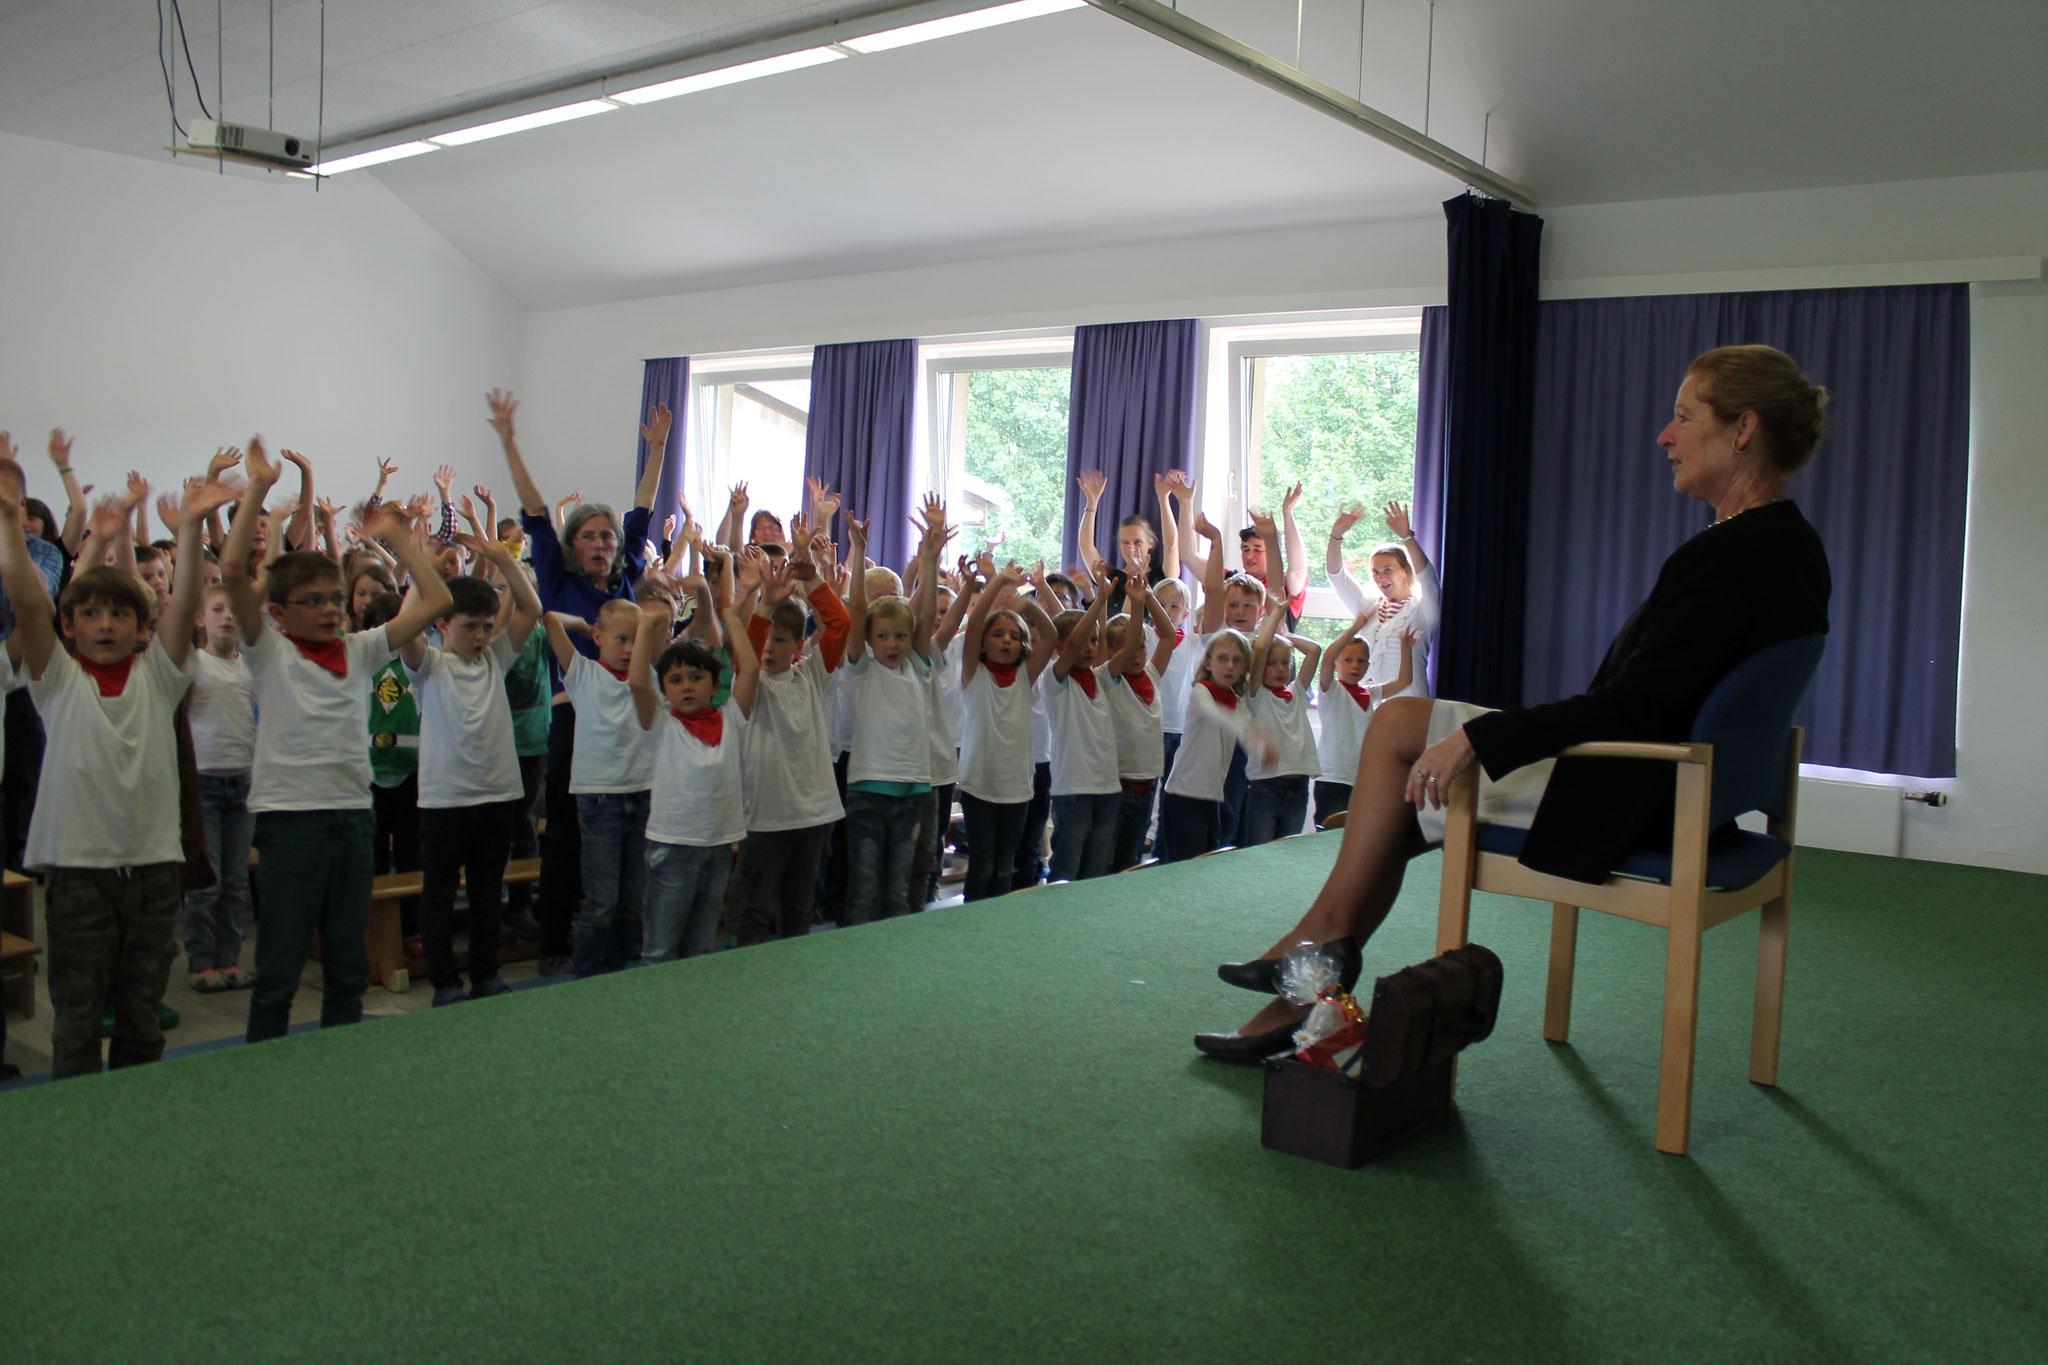 Alle Schüler singen gemeinsam ein internationales Abschiedslied.